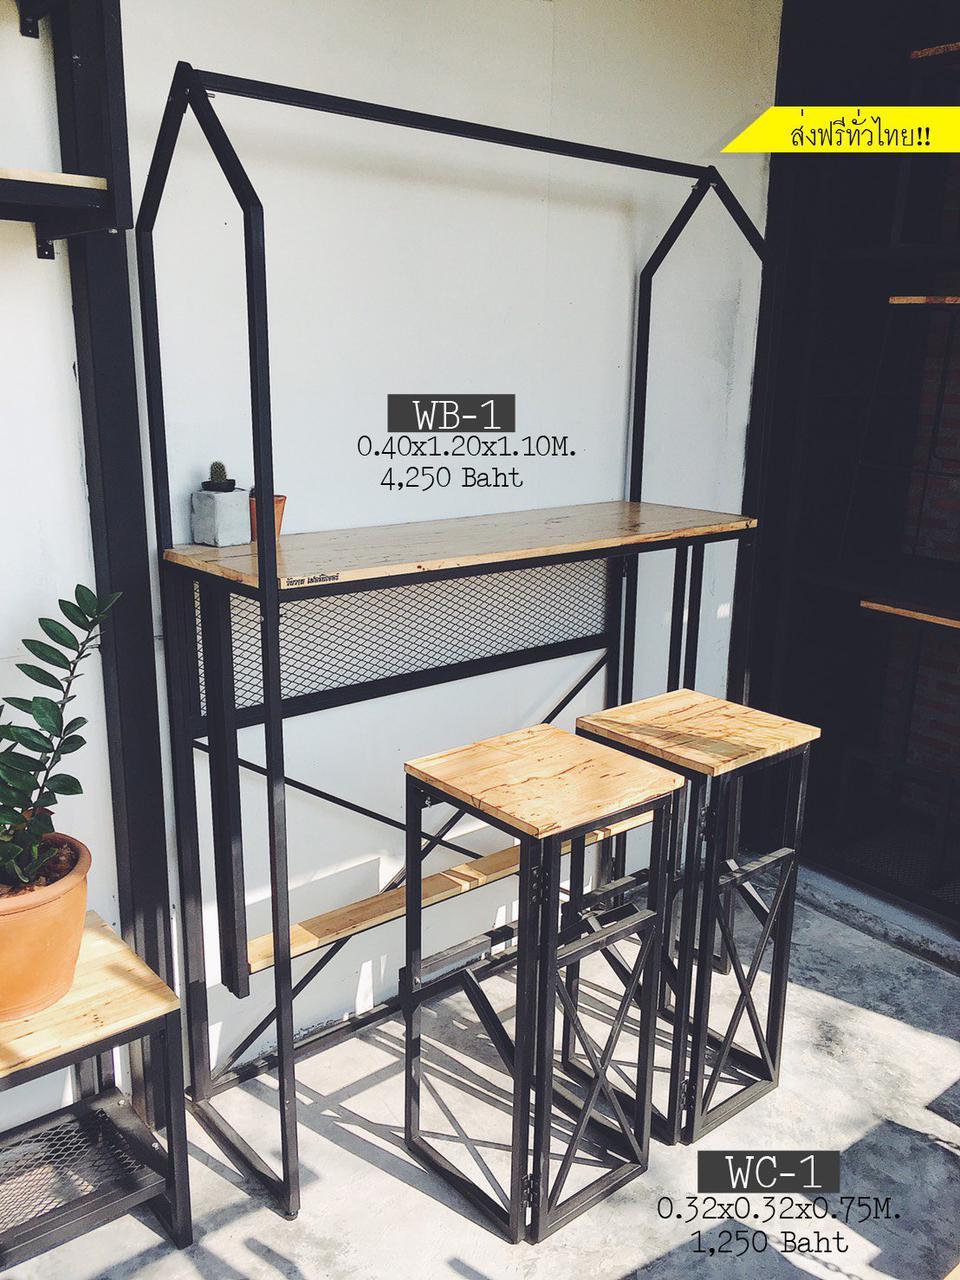 โต๊ะบาร์+เก้าอี้บาร์สไตล์ลอฟท์ รูปที่ 1